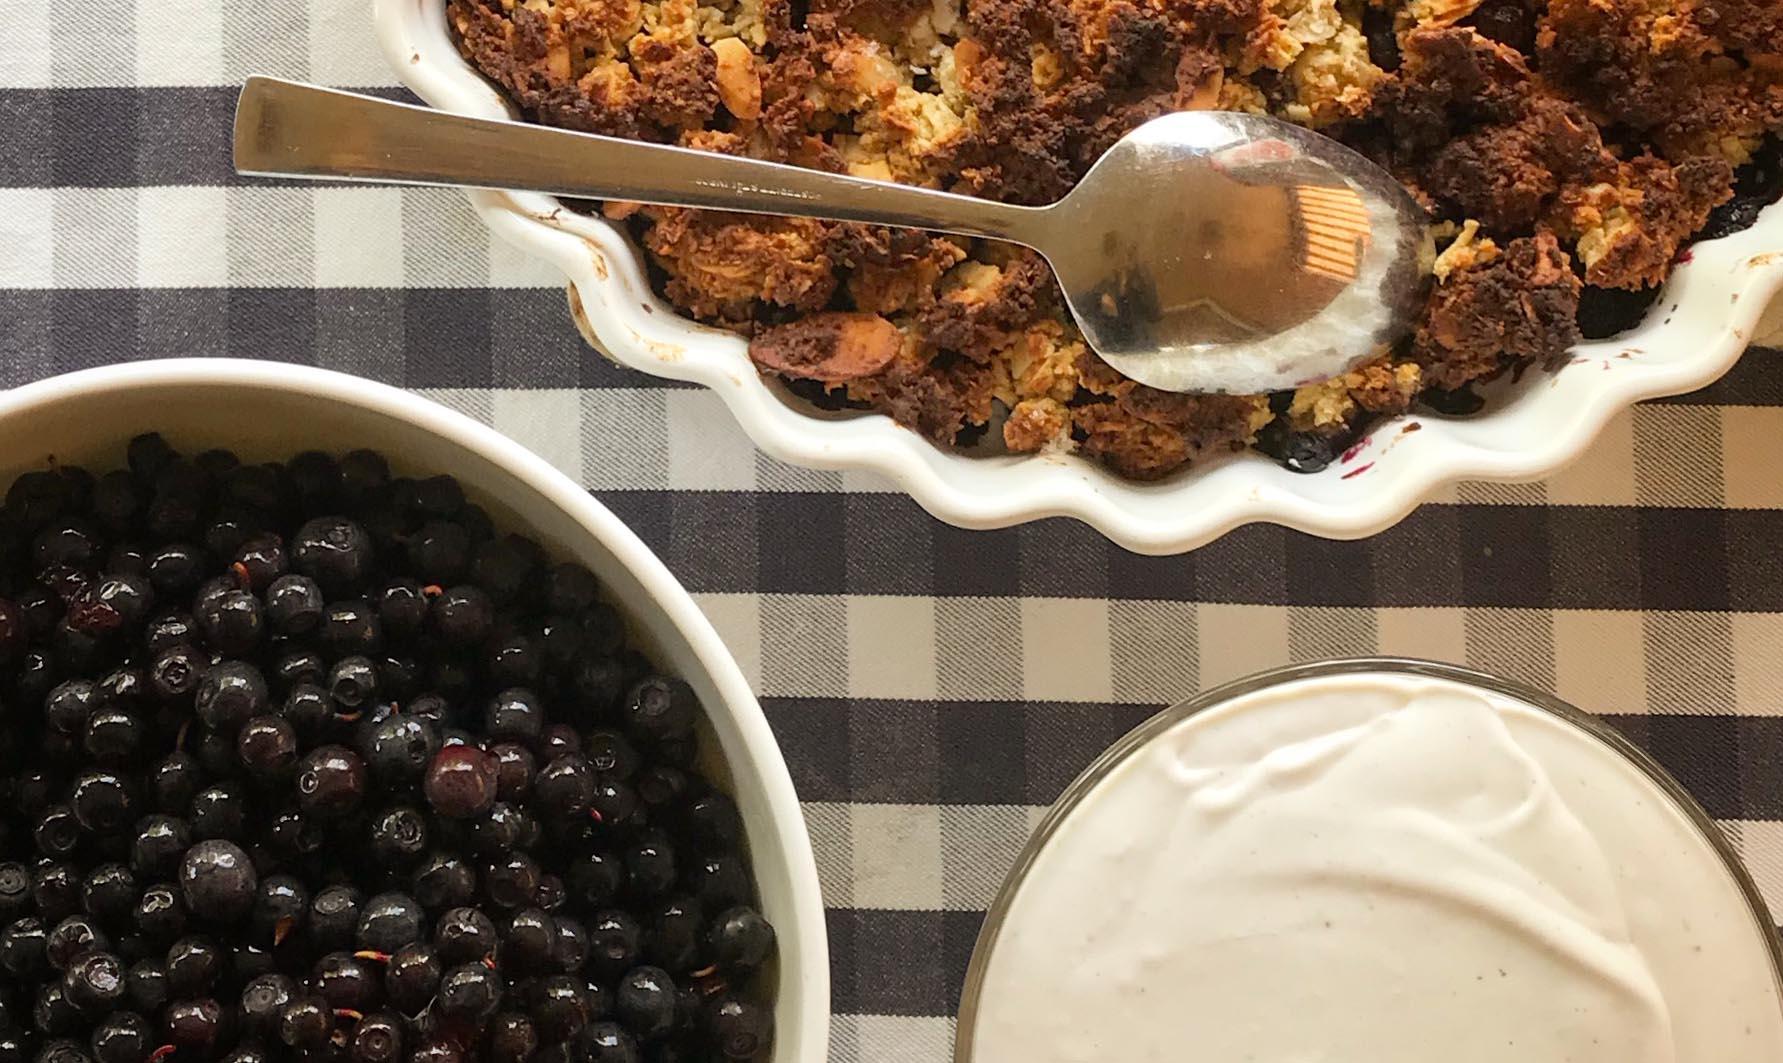 Blåbär -Torka blåbär, frys dem eller mumsa färska!